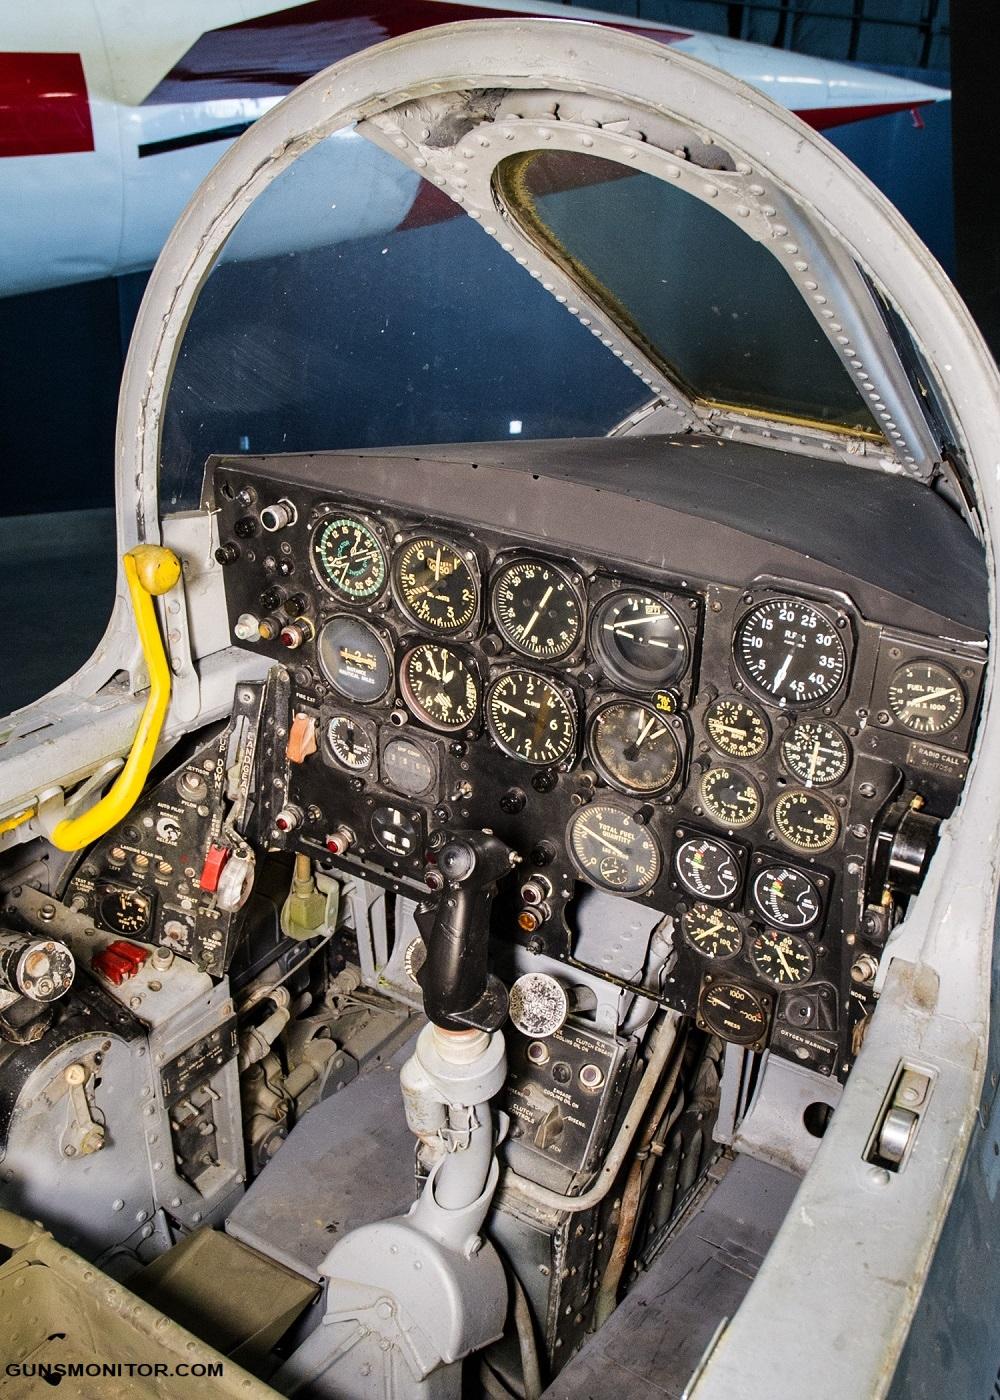 1615806688 121 خدش الرعد XF 84H ؛ أسوأ مقاتل في الحرب الباردة الأمريكية أكو وب